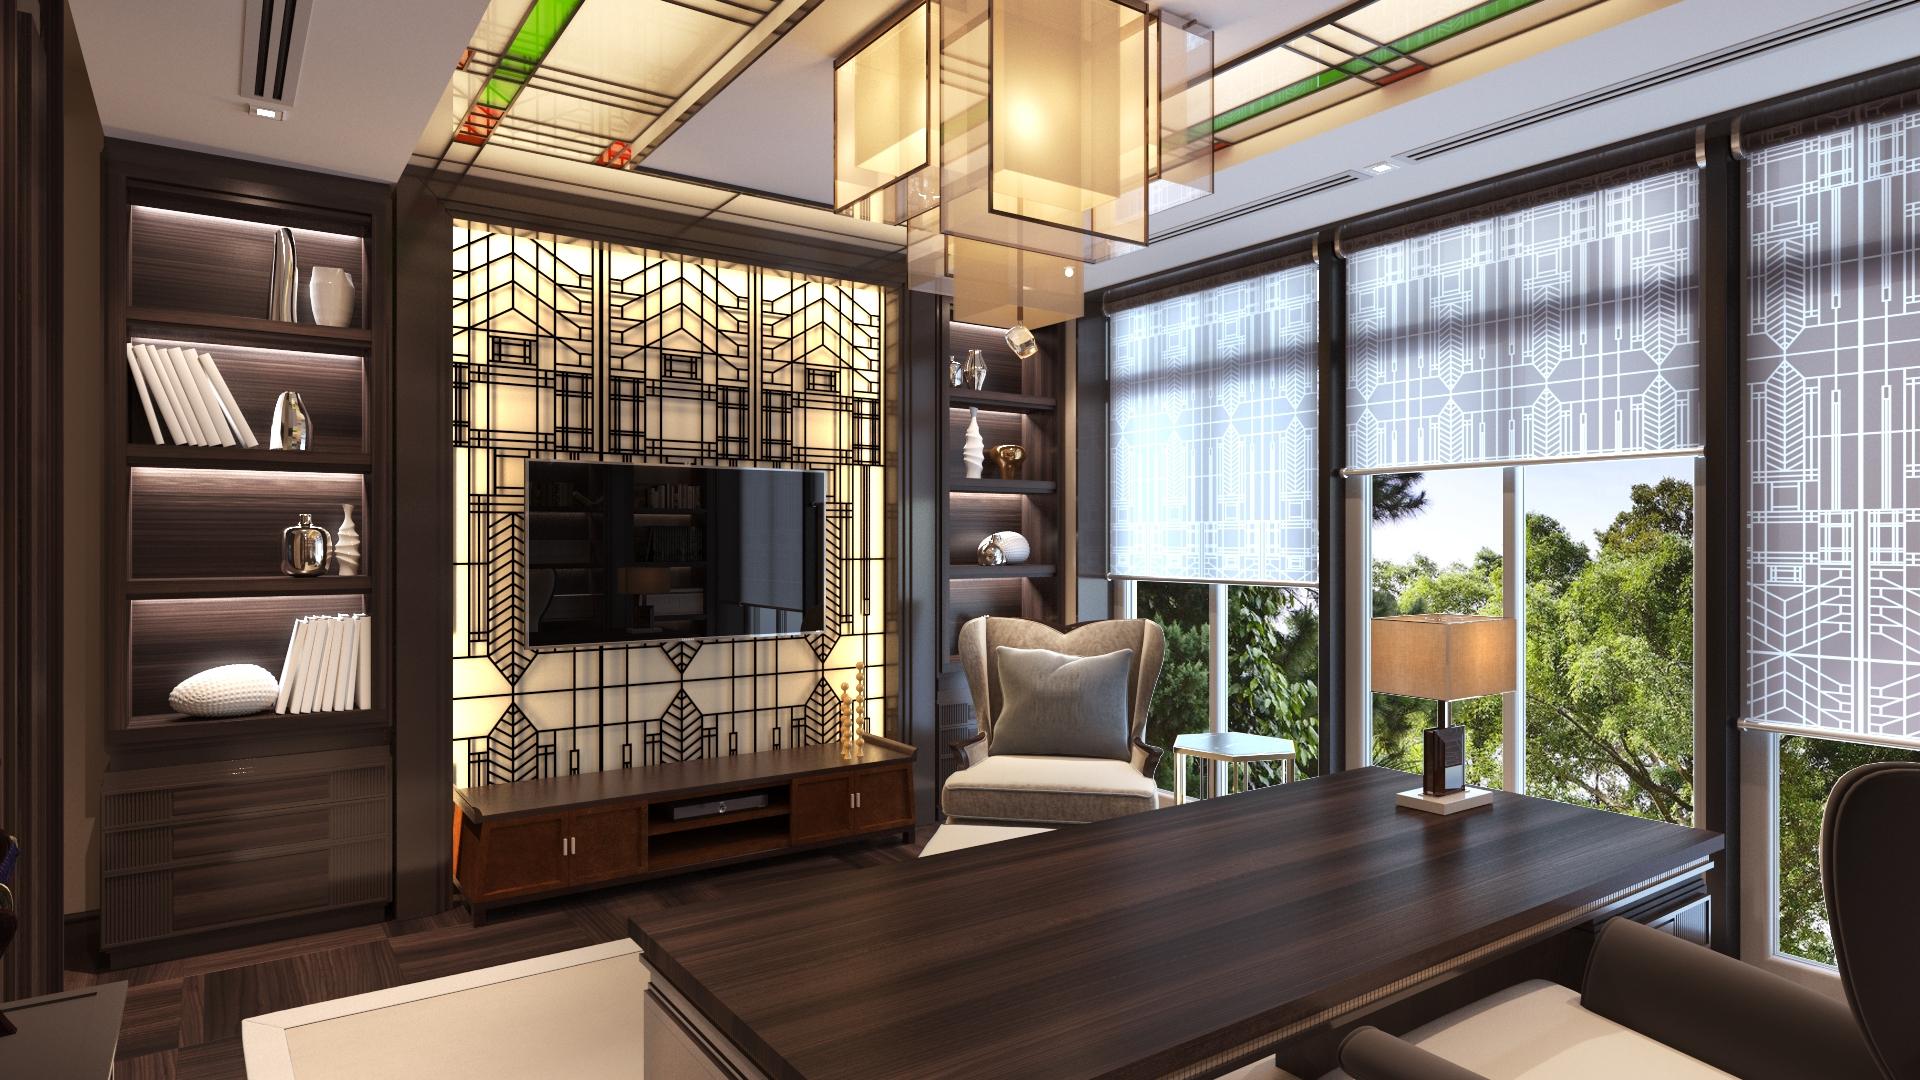 Cabinet02 фото фото фото